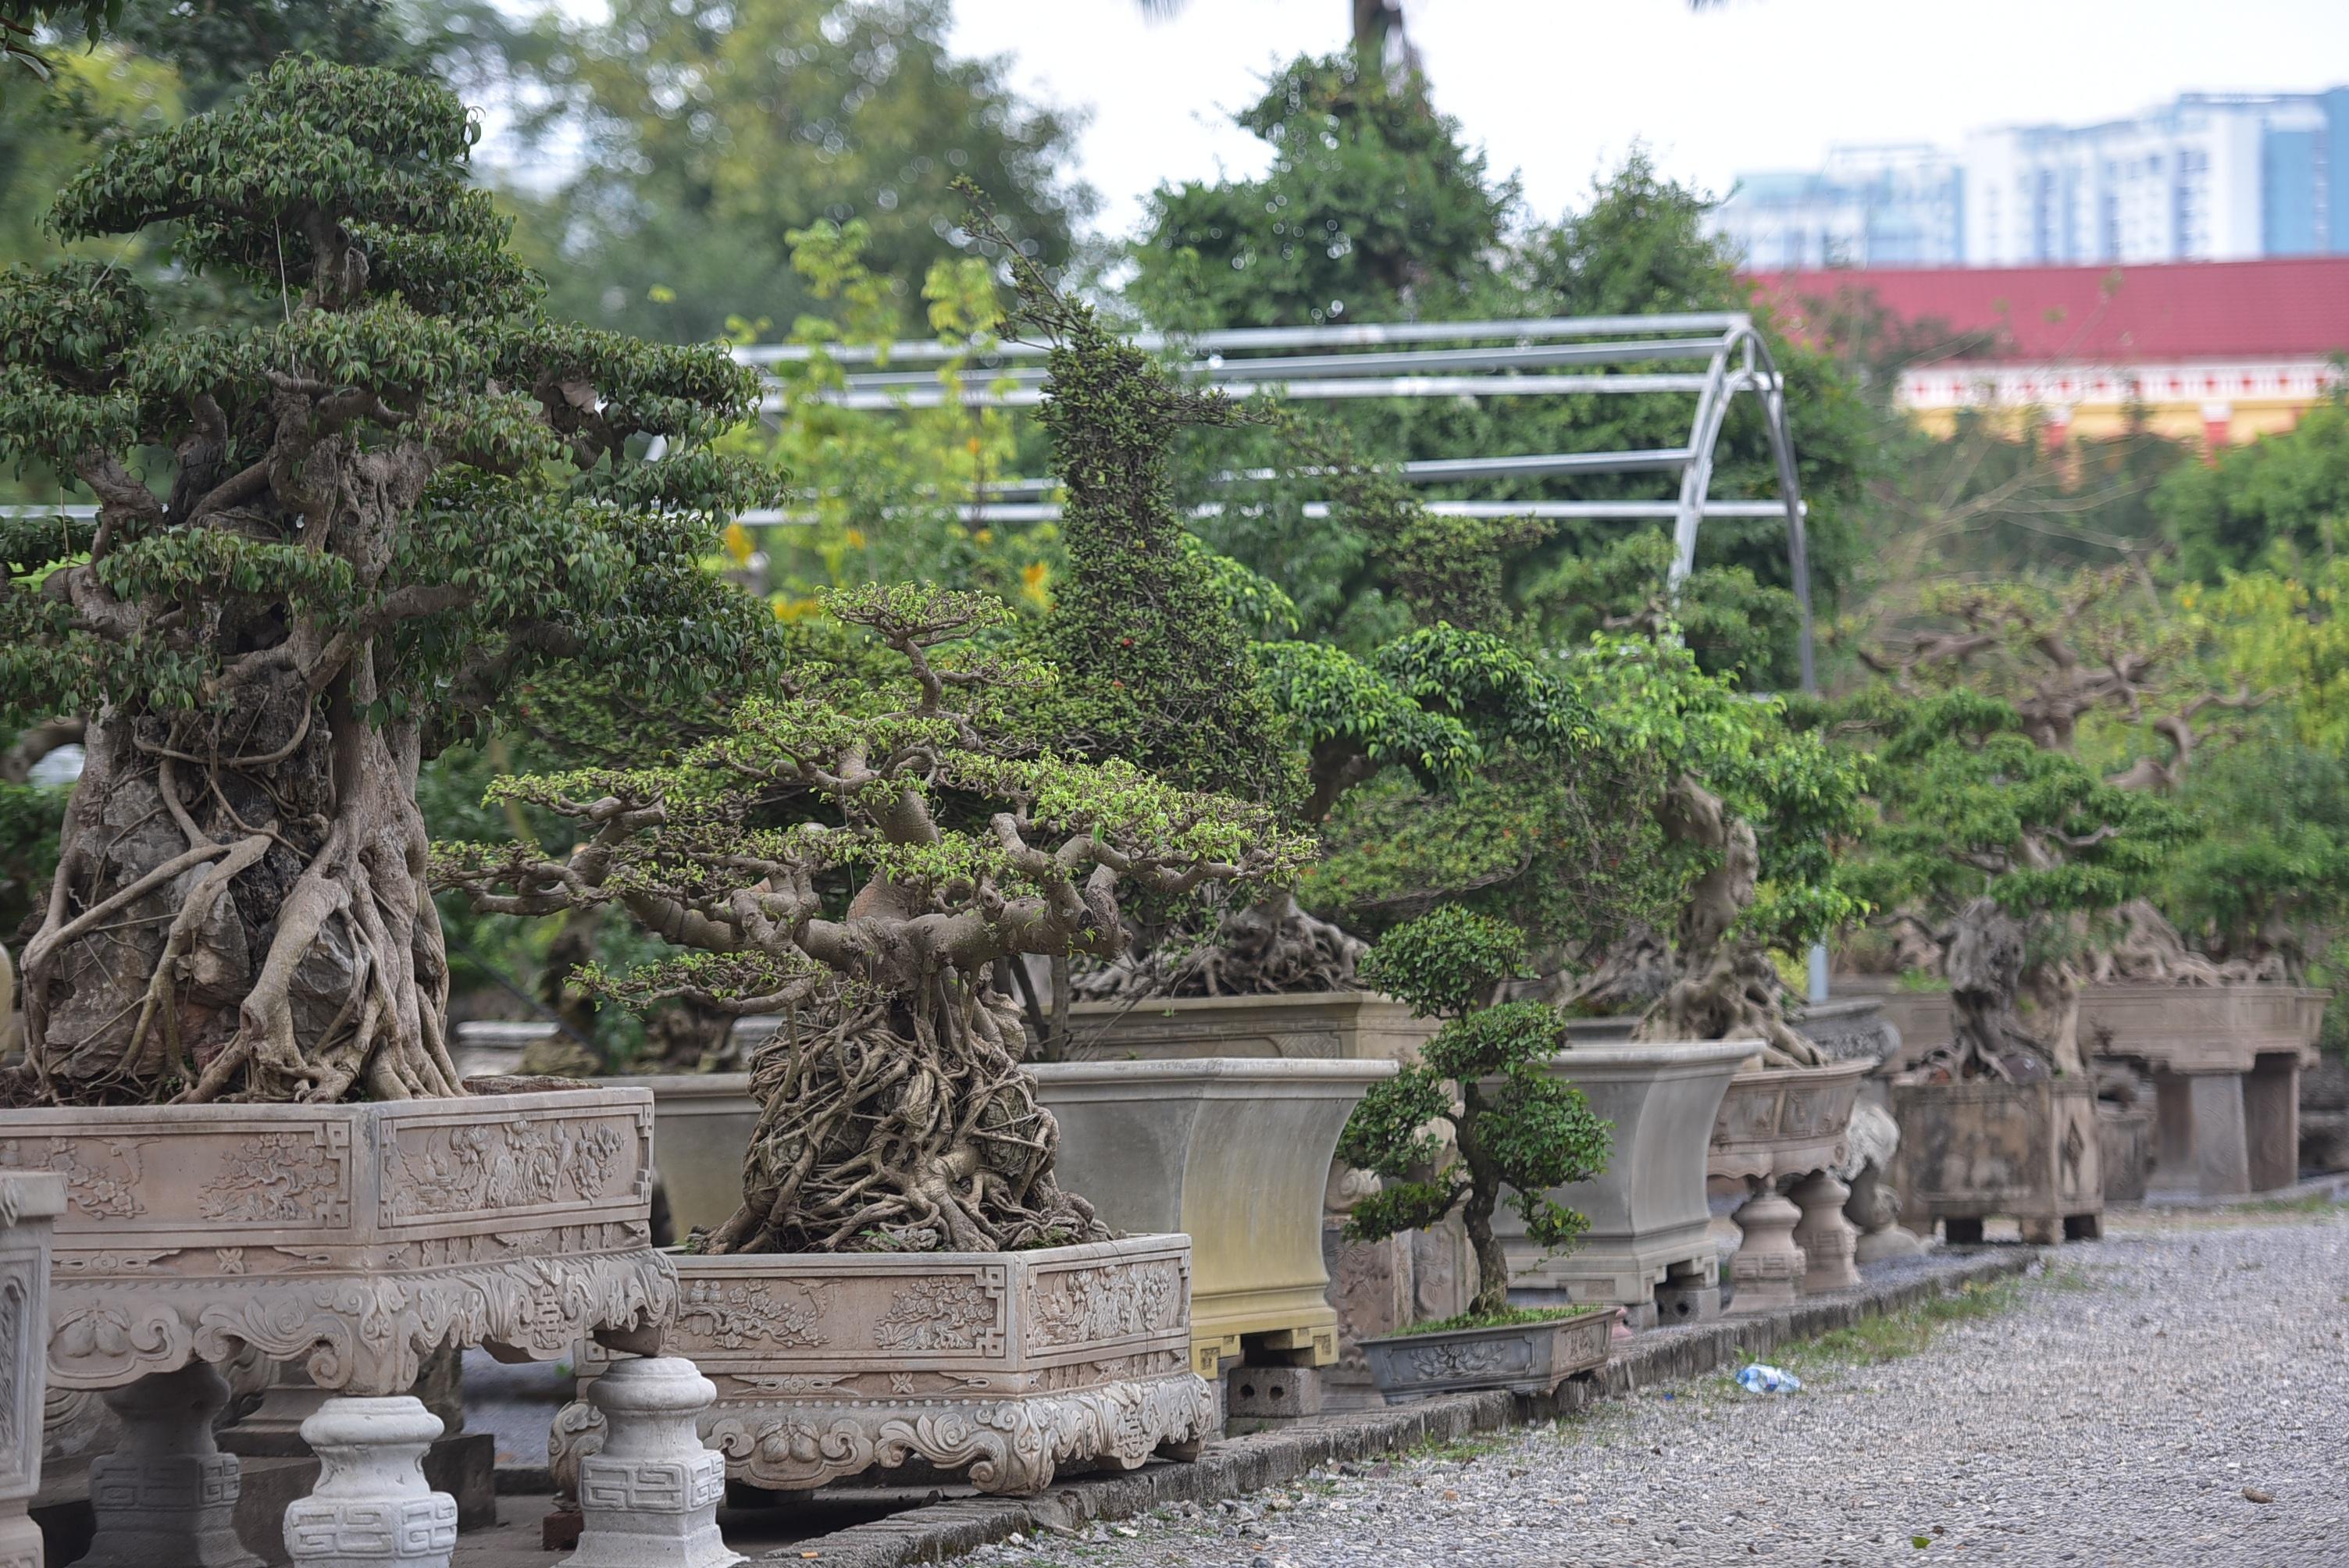 Hoa mắt trước khu vườn triệu đô của ông vua cây cảnh - 7